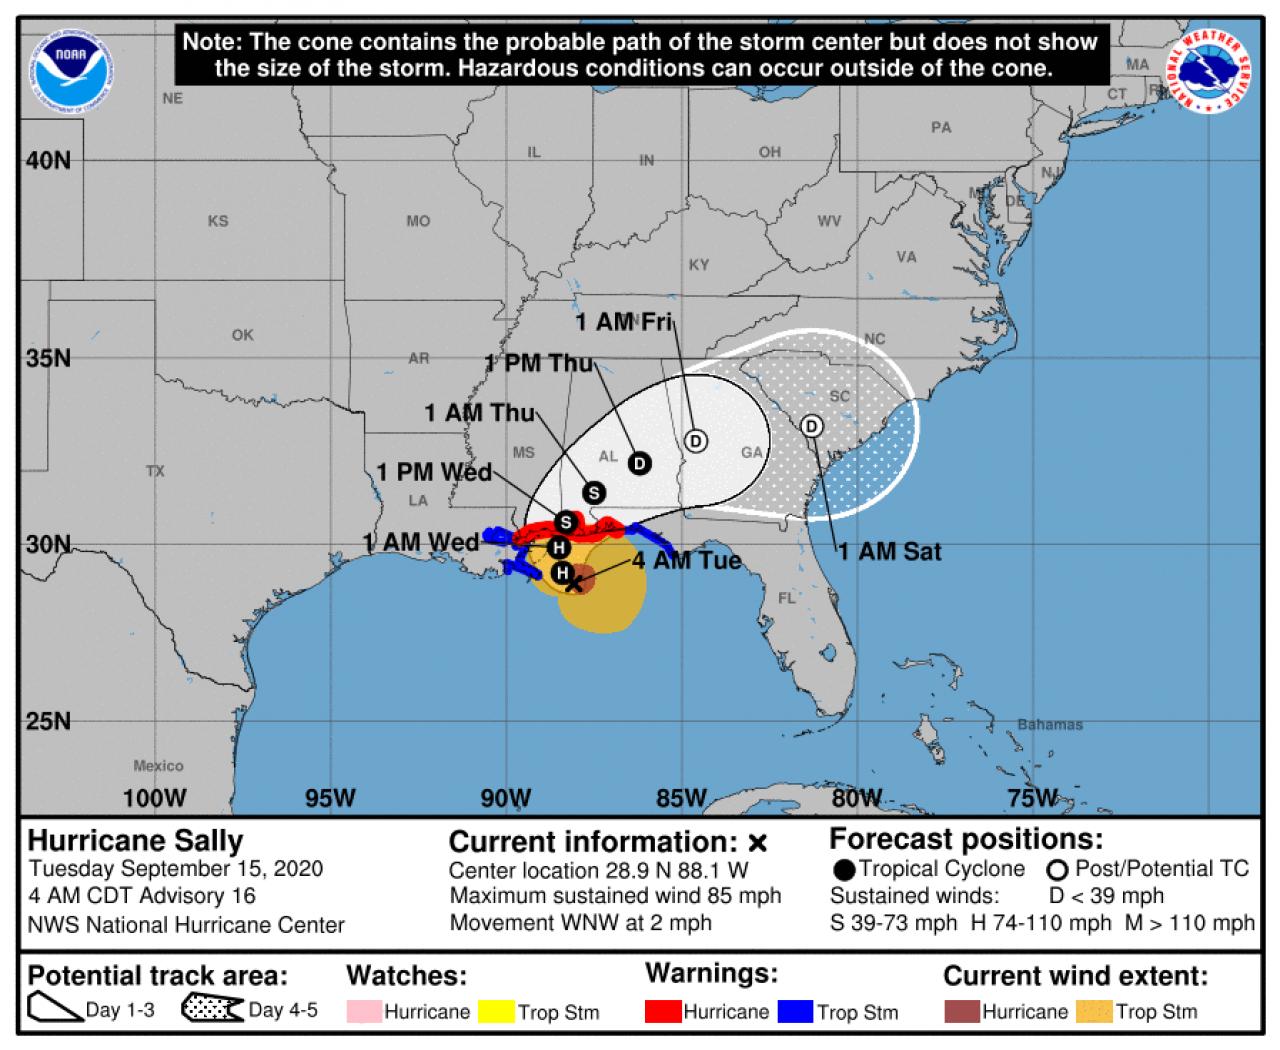 La rotta prevista dell'uragano Sally (Fonte: National Hurricane Center)